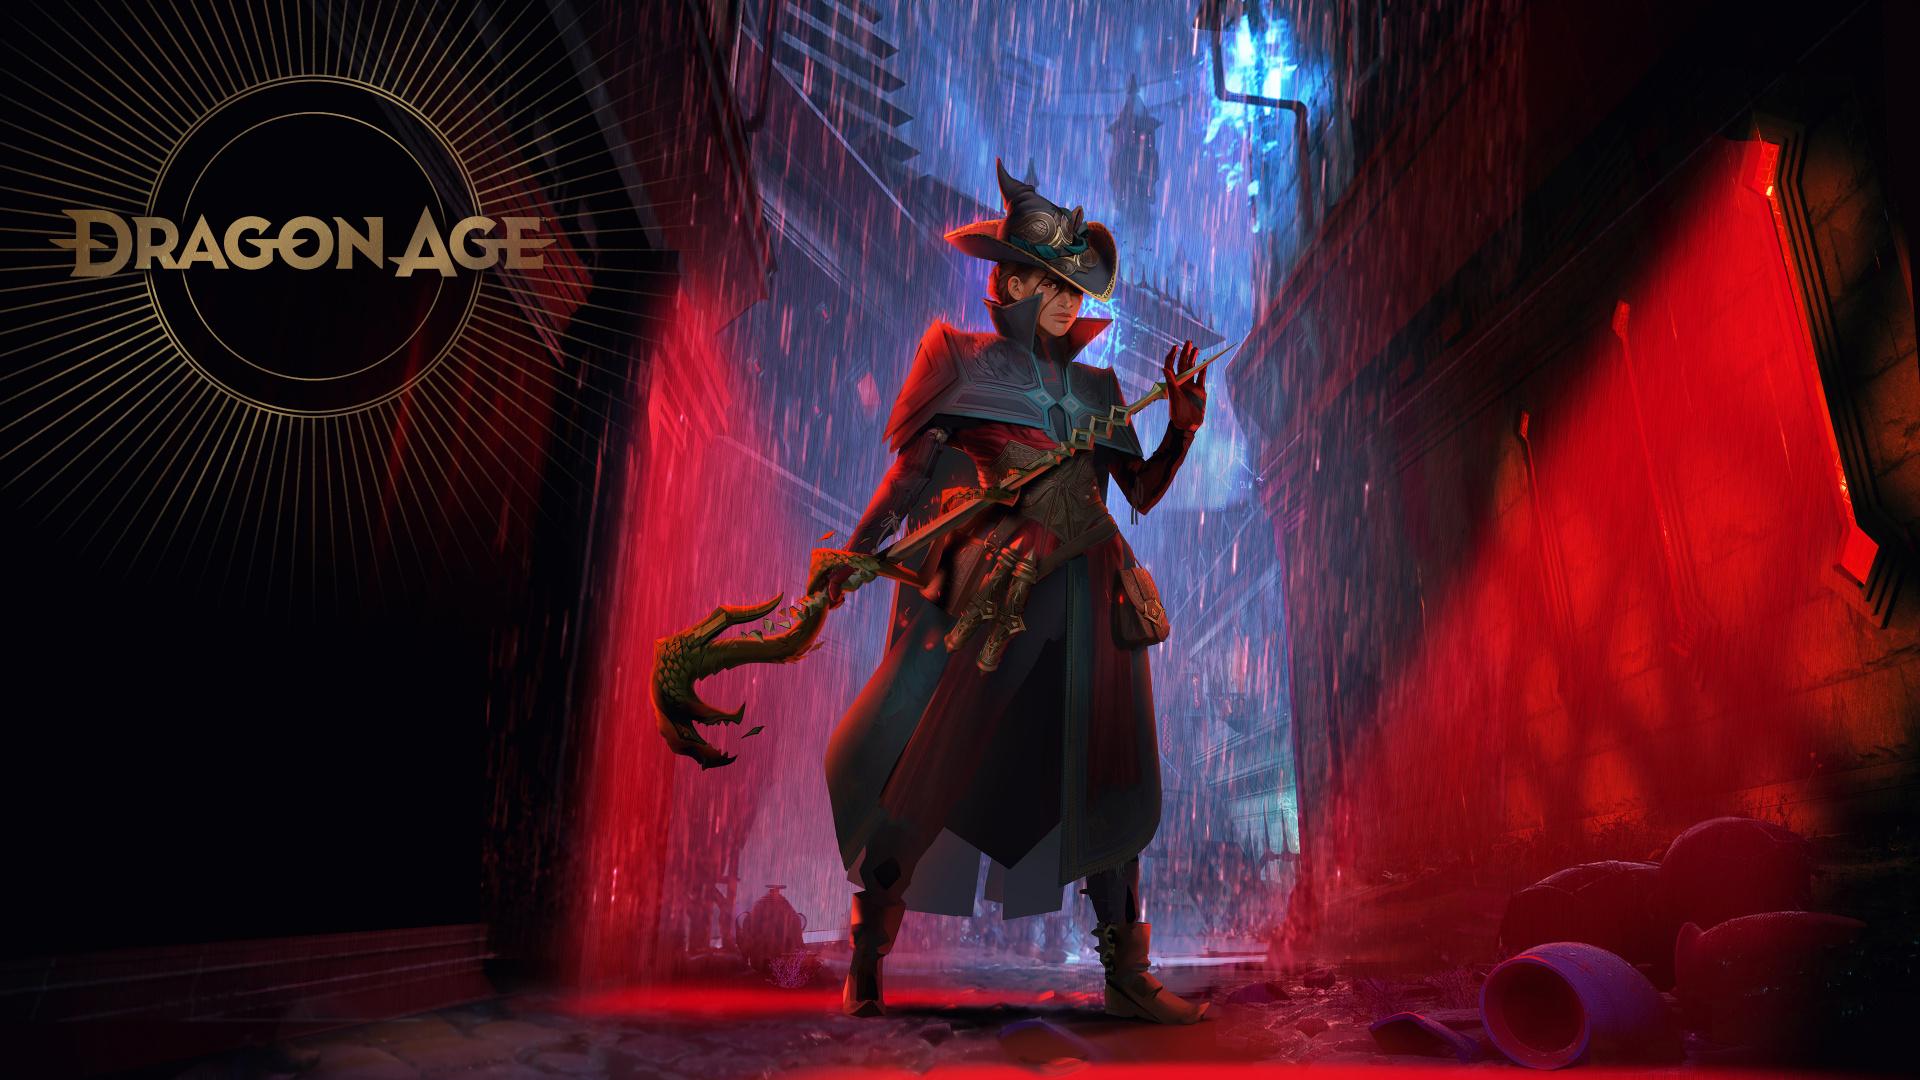 Создатели Dragon Age опубликовали новый арт